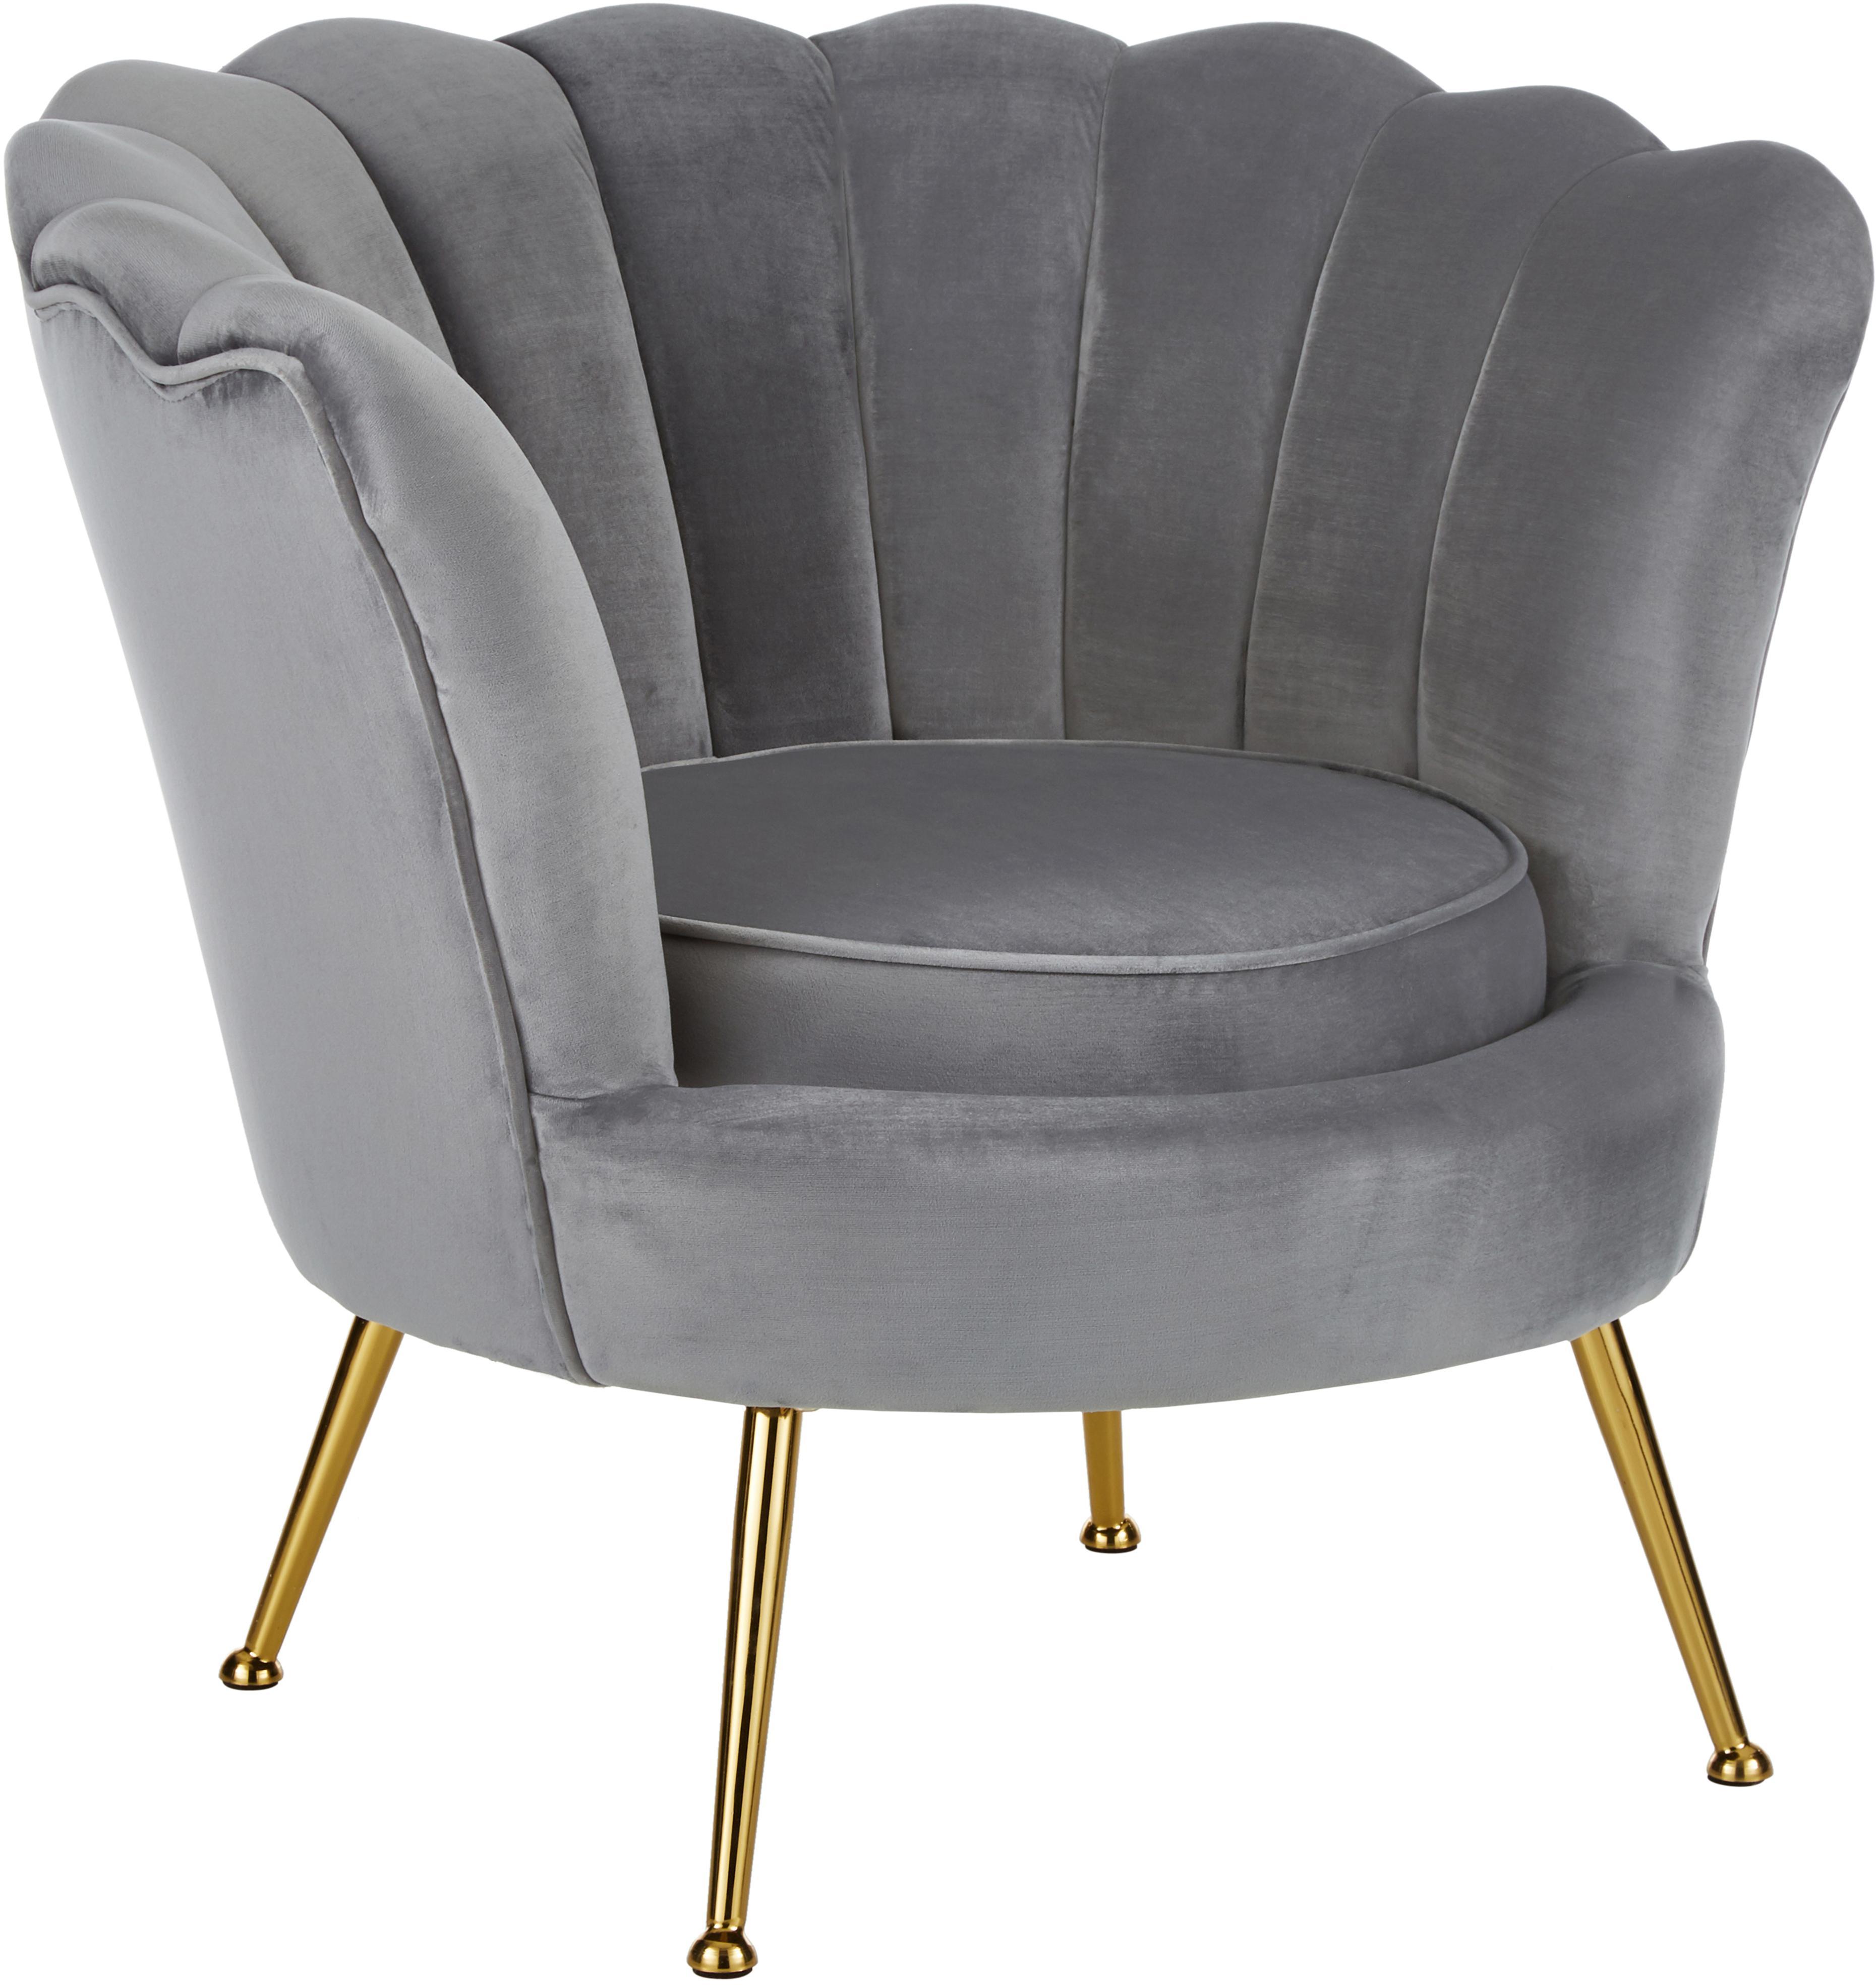 Fluwelen fauteuil Oyster, Bekleding: fluweel (polyester), Frame: massief populierenhout, m, Poten: gegalvaniseerd metaal, Grijs, B 81 x D 78 cm